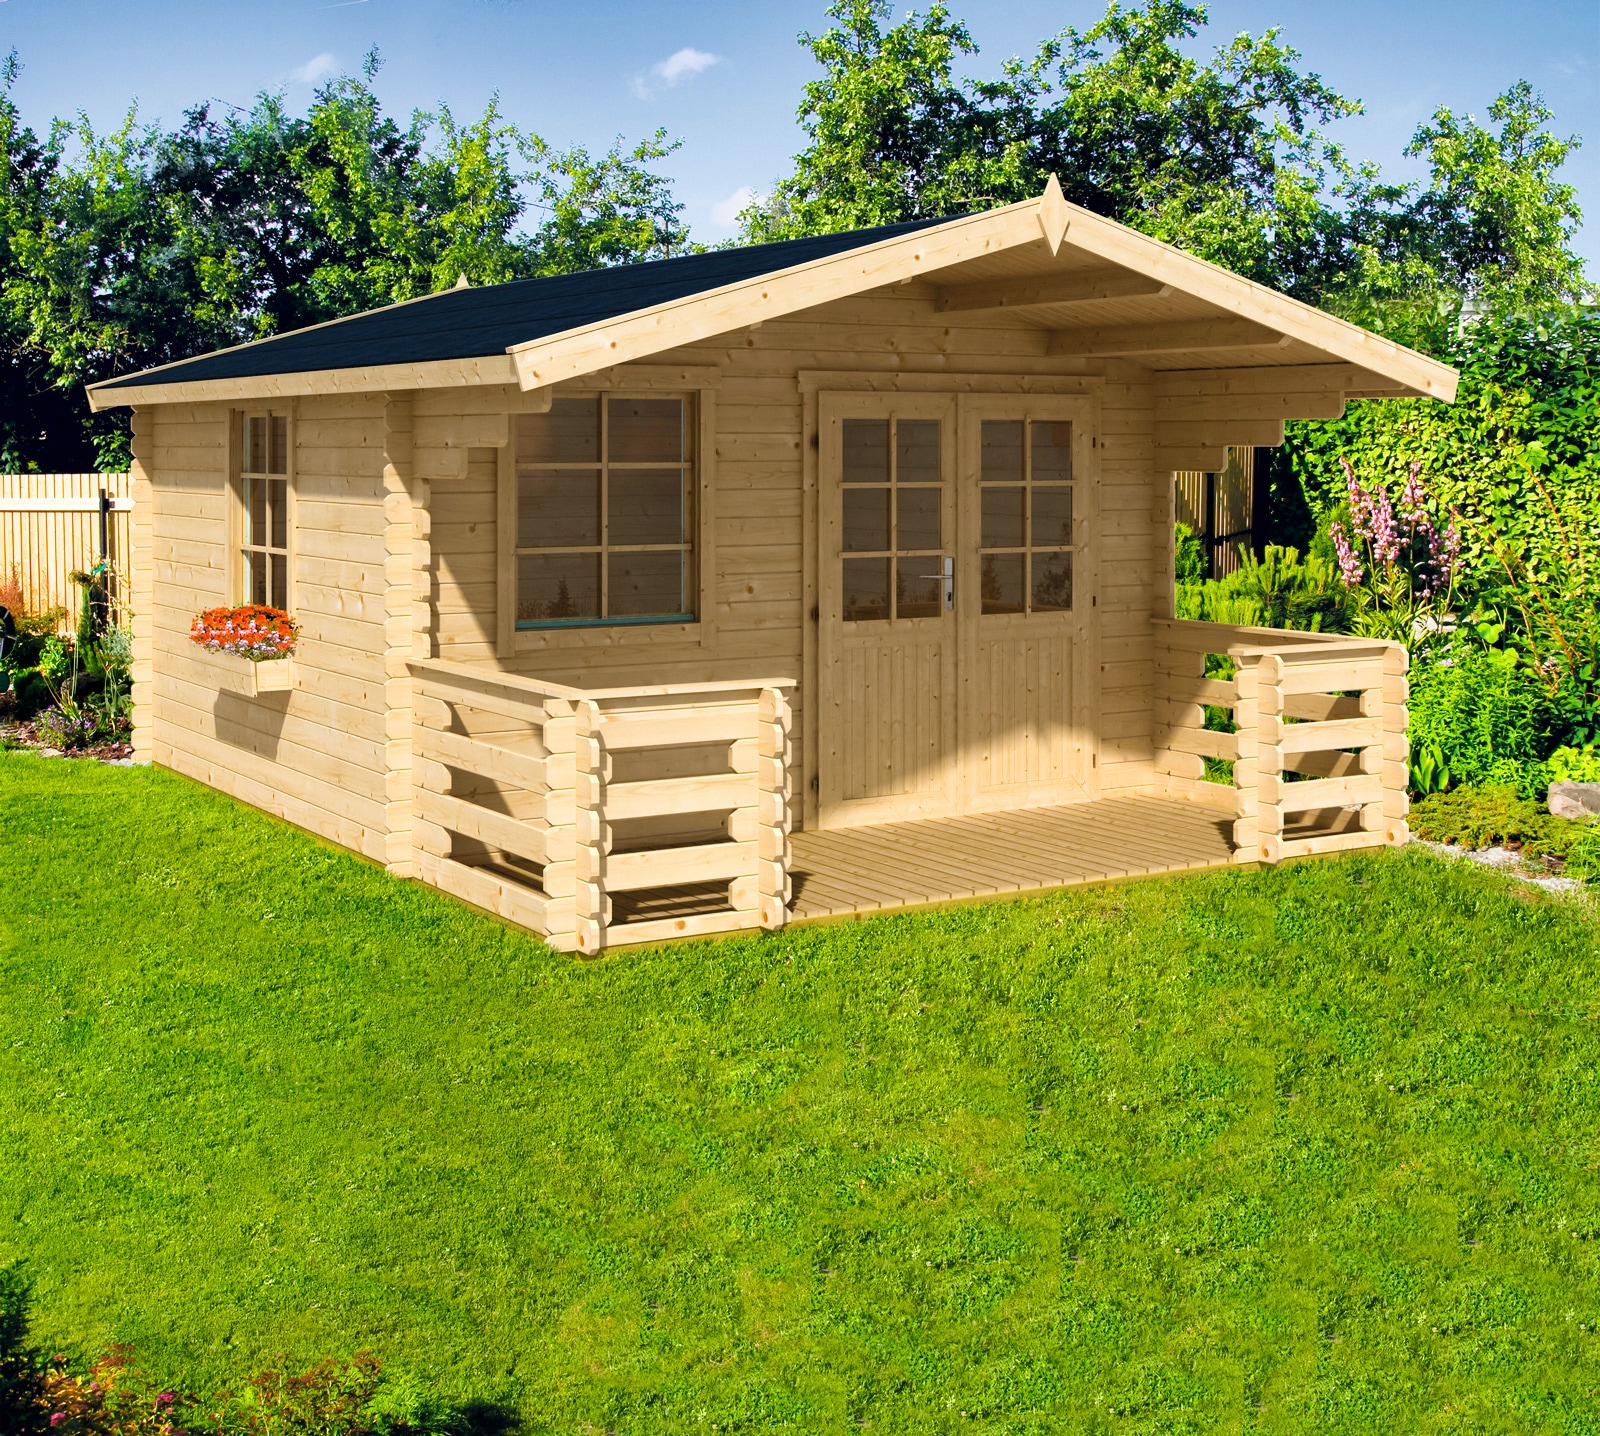 NORDIC HOLZ Set: Gartenhaus »Klingenberg 2«, BxT: 404x520 cm, mit Terrasse,  Fußboden, Blumenkasten kaufen | BAUR